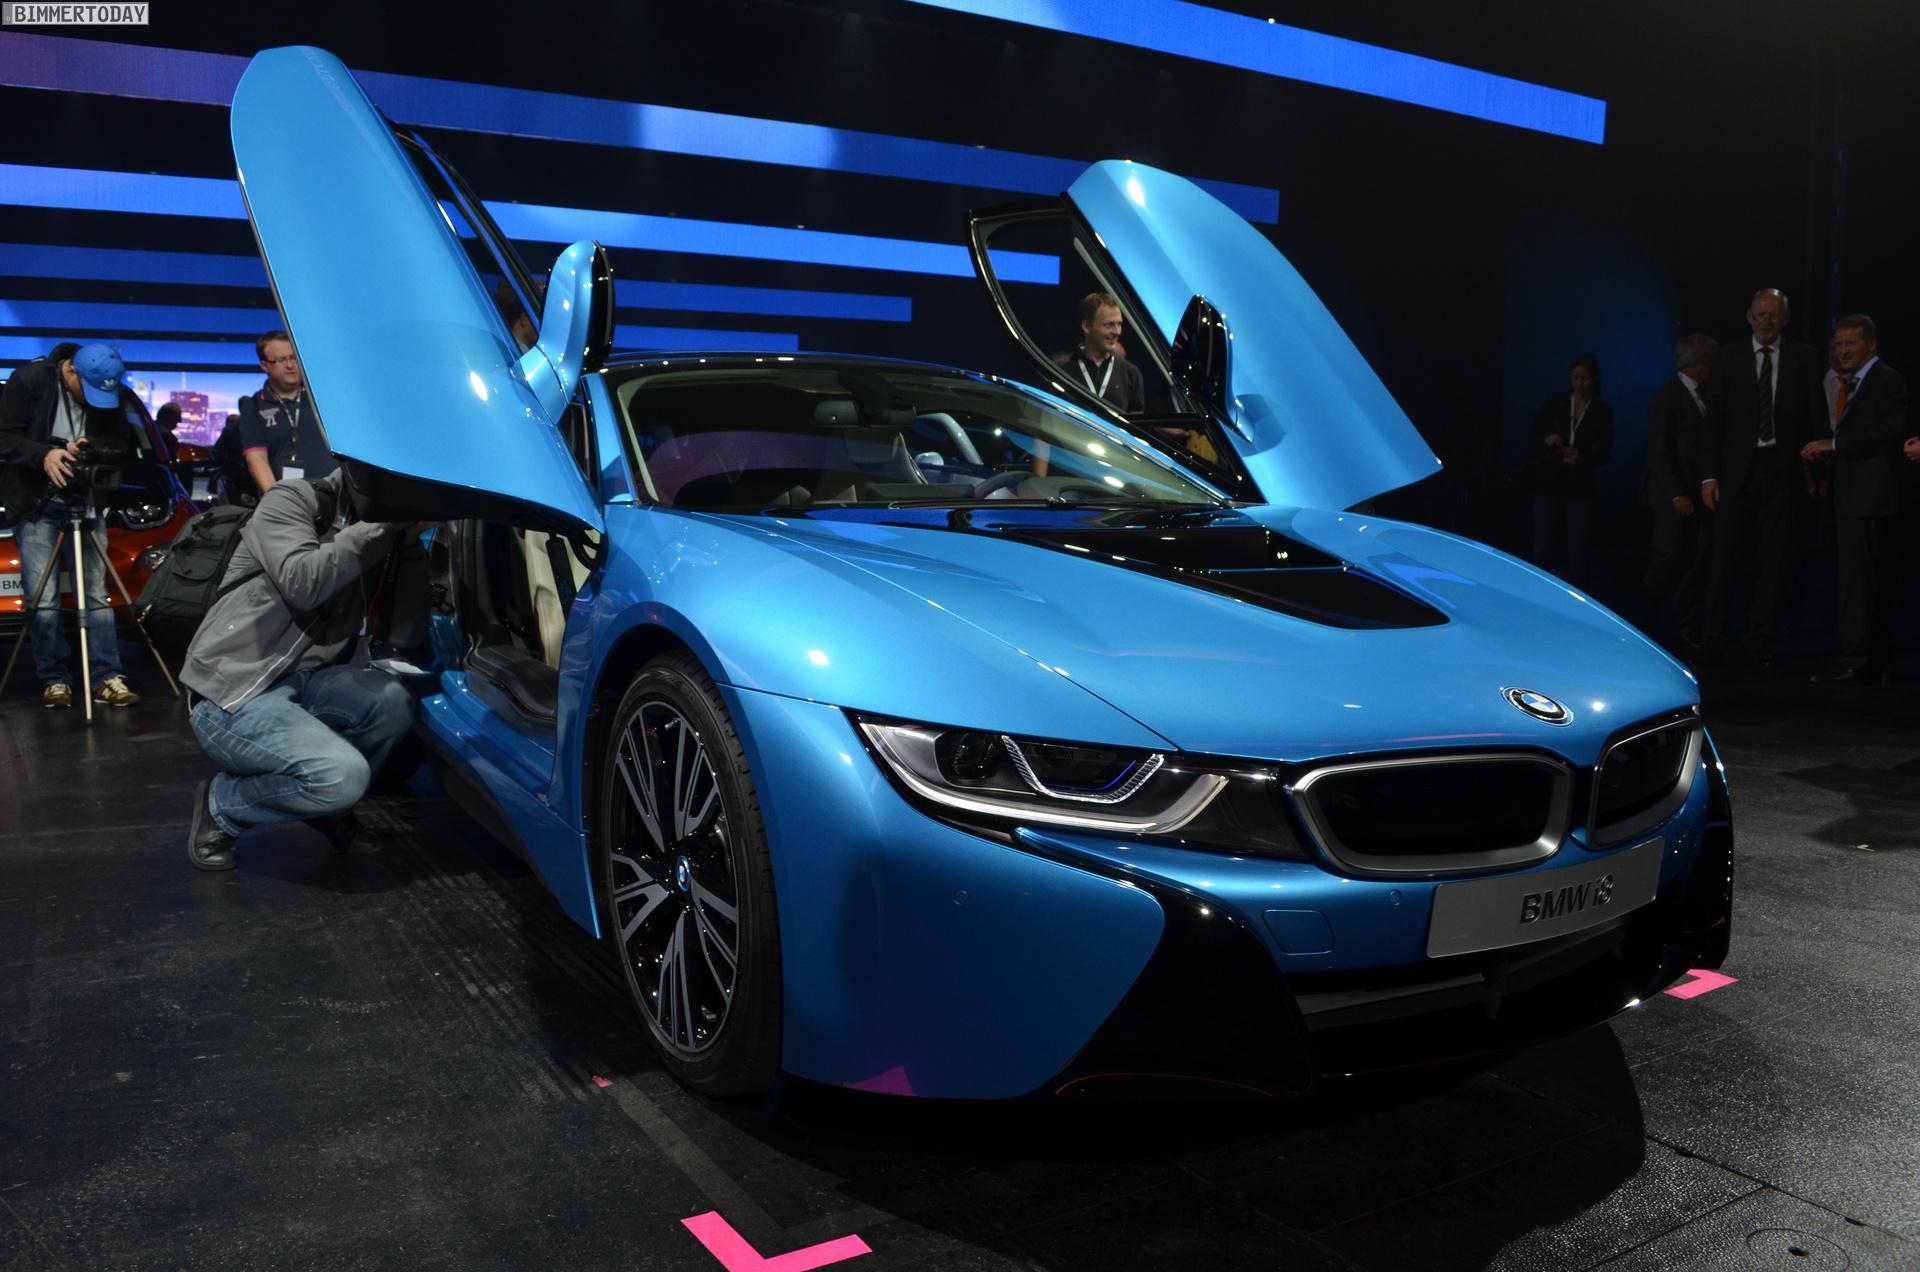 2013 - [BMW] i8 [i12] - Page 13 BMW-i8-Hybrid-eDrive-Weltpremiere-Protonic-Blue-IAA-2013-LIVE-05